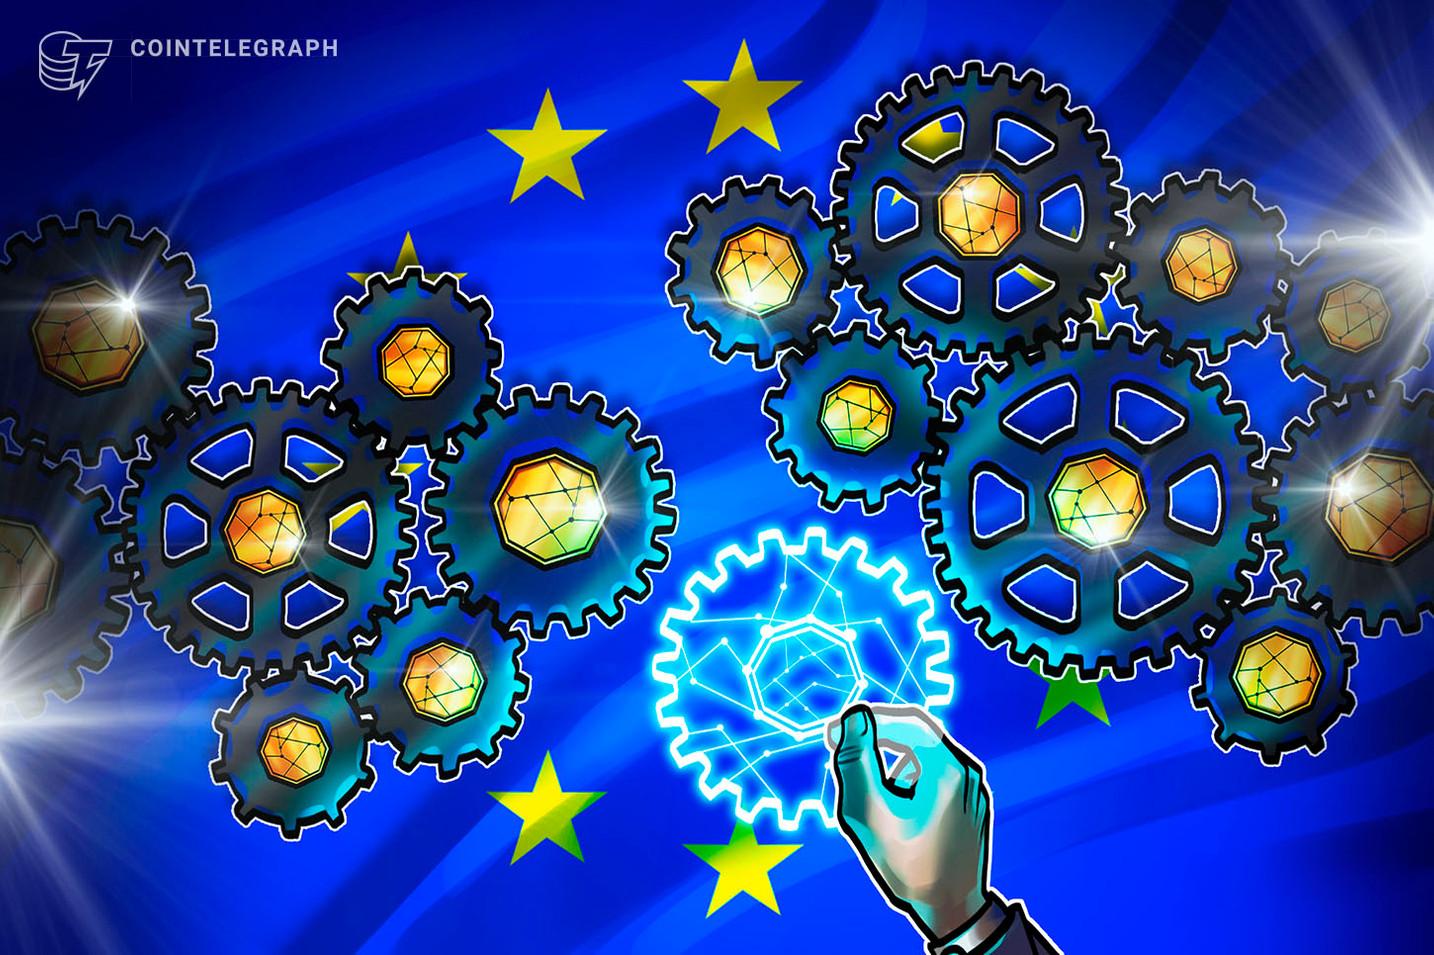 EU ủy thác 30 triệu đô la cho quỹ tài sản kỹ thuật số và blockchain mới